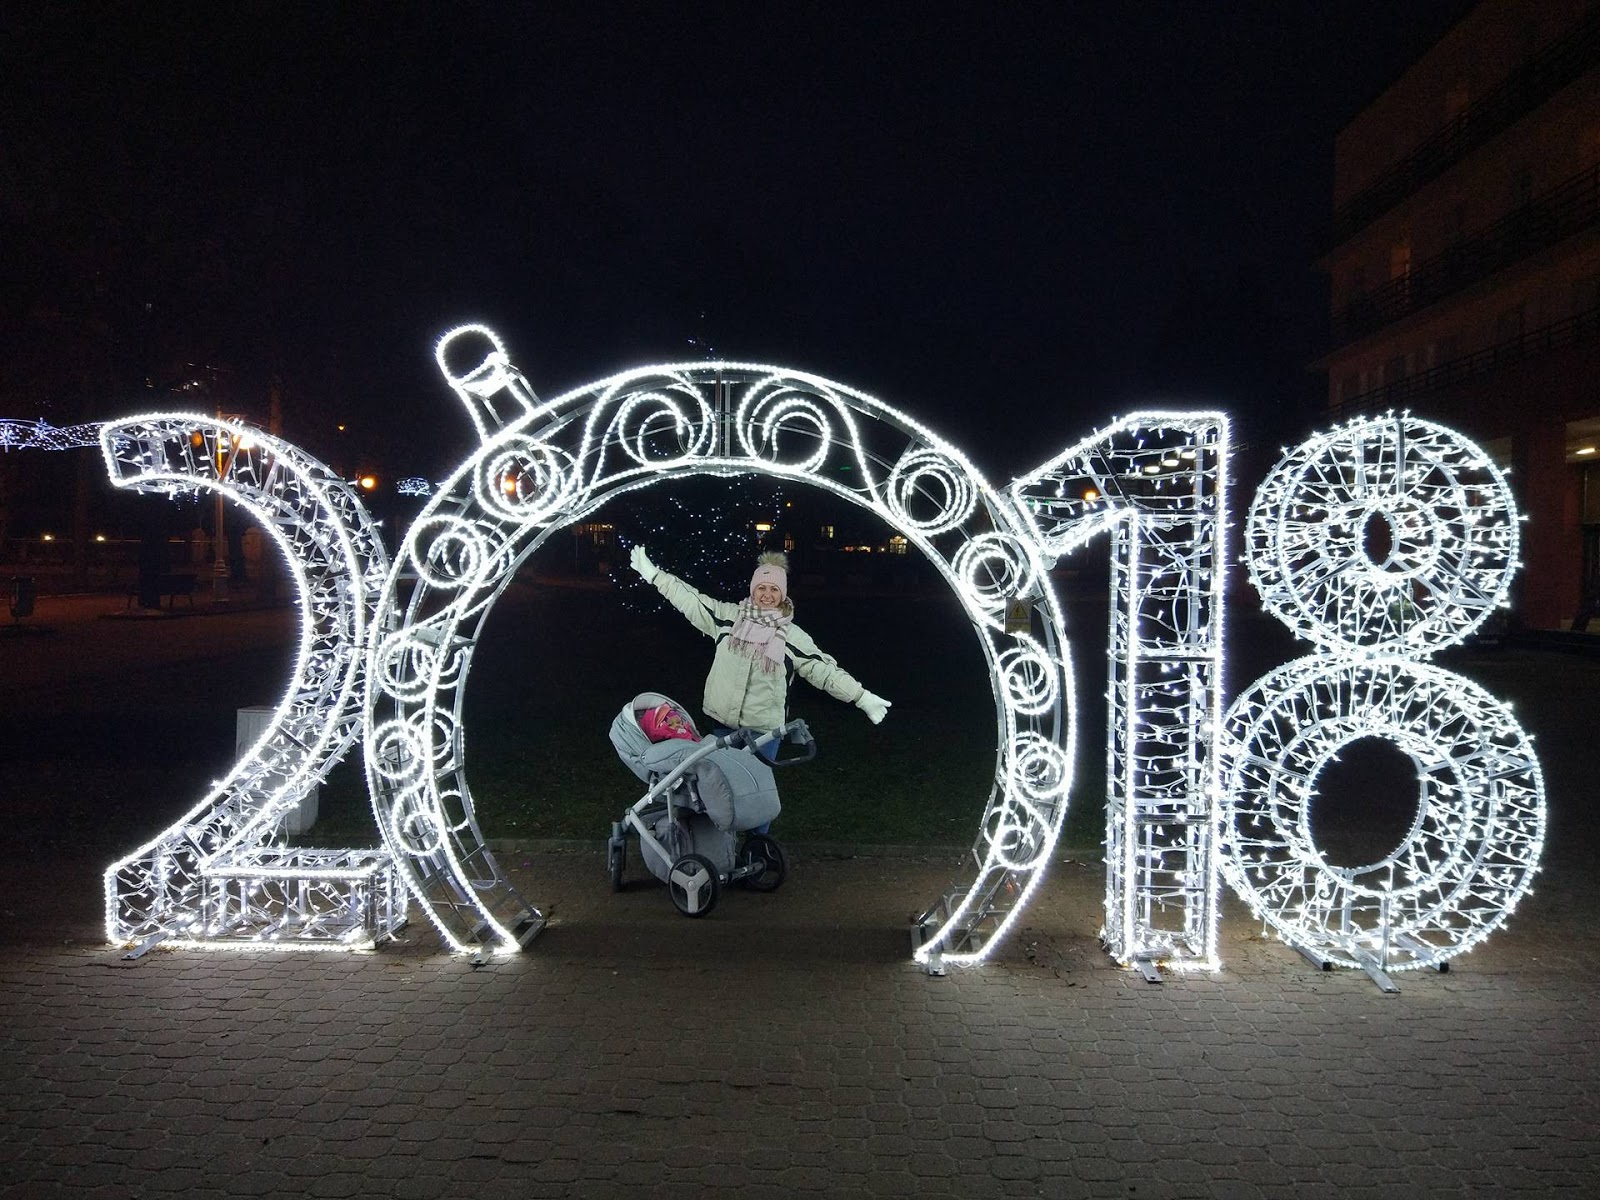 Witaj Nowy 2018 Roku!